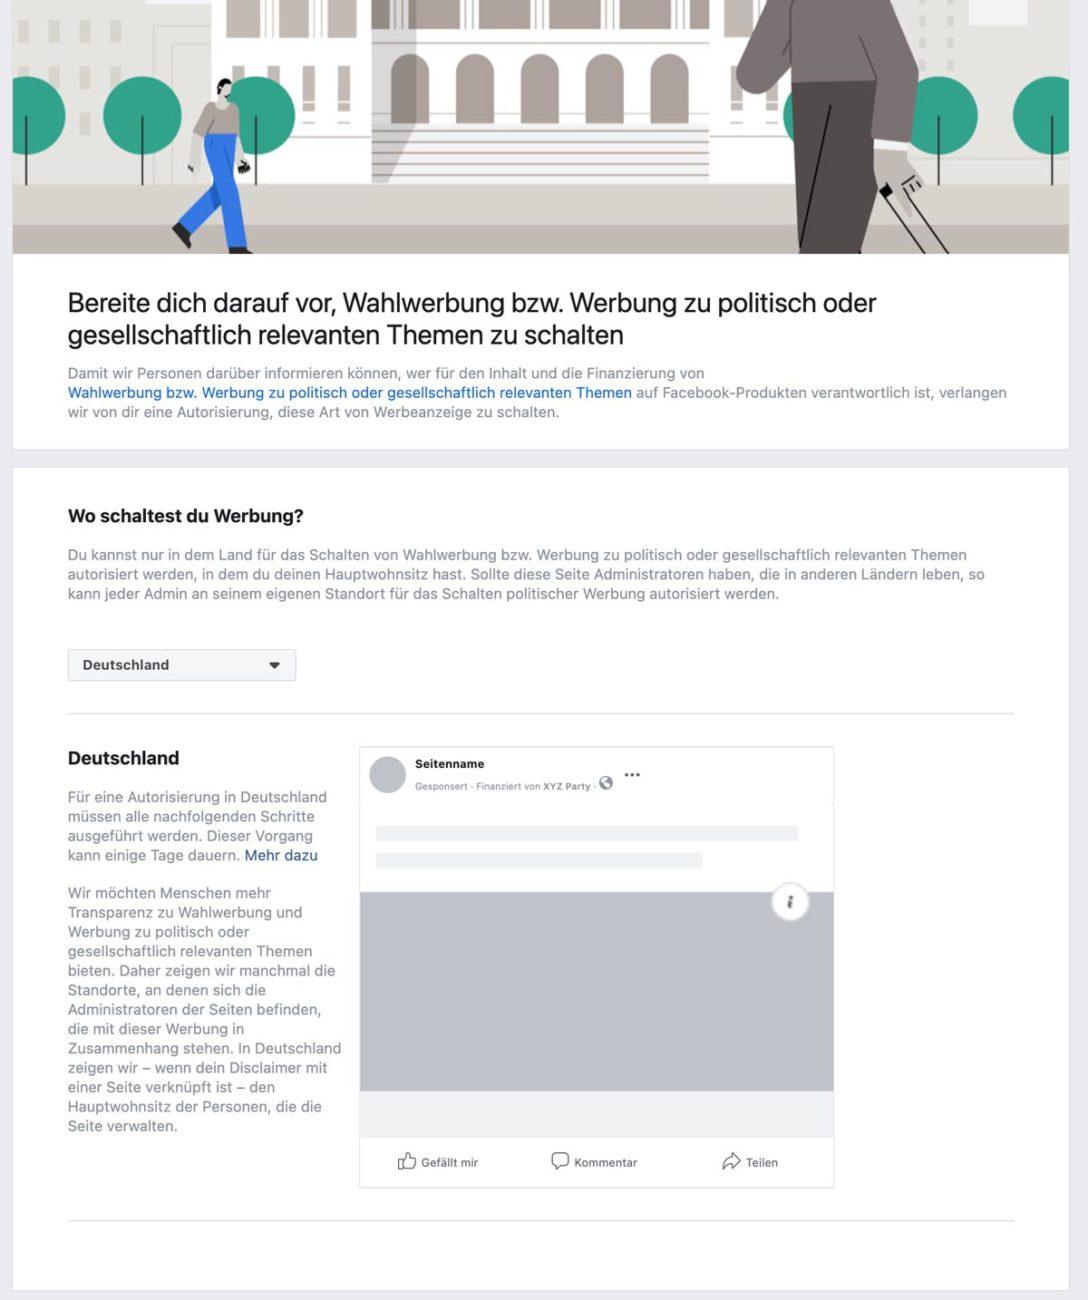 Anleitung Facebook für politische Werbung verifizieren